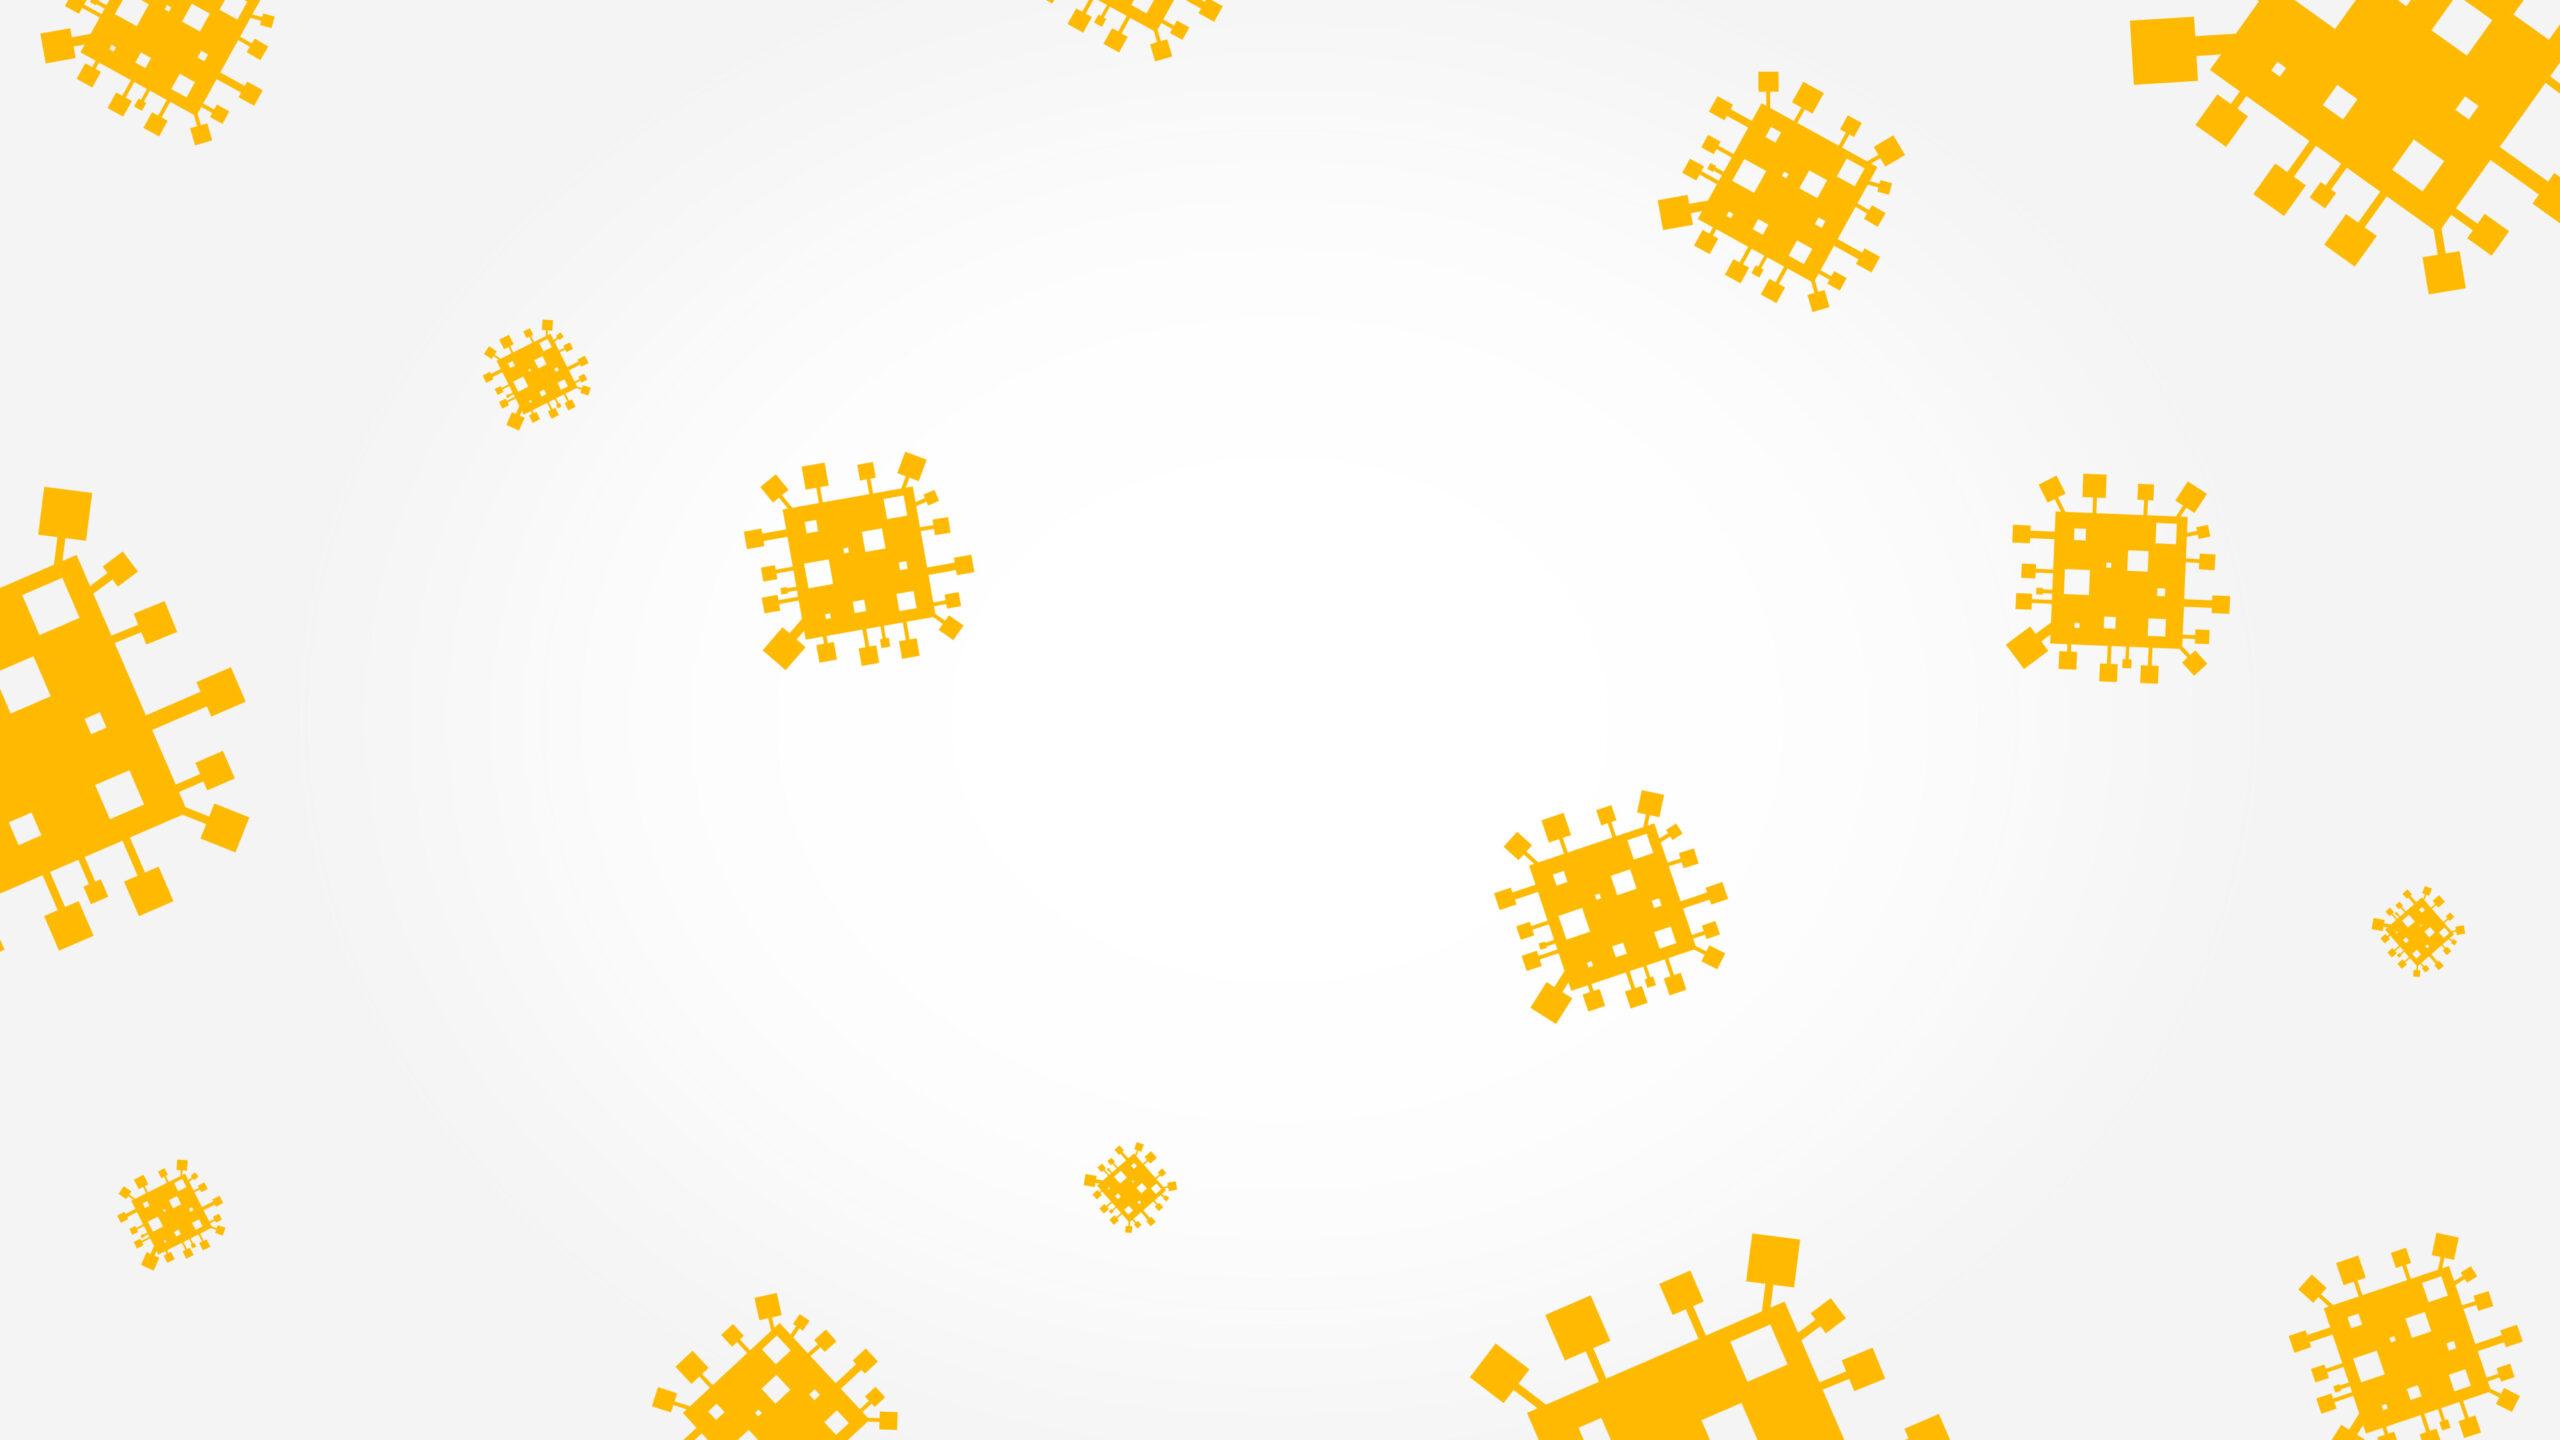 Pandemie in Pixel